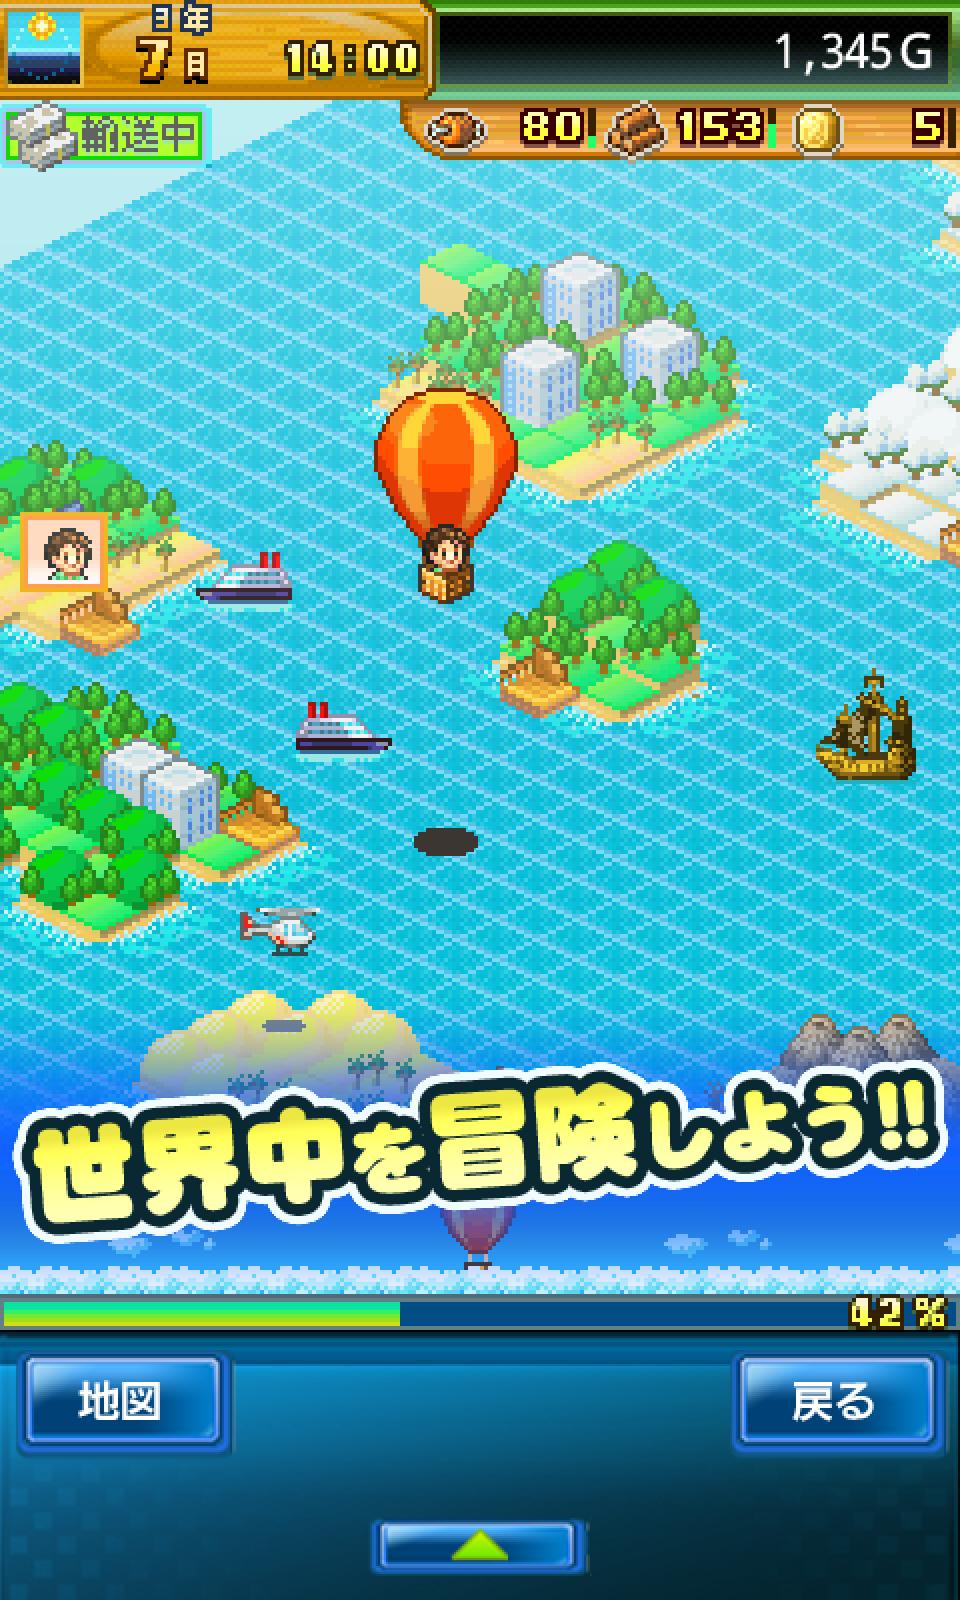 開拓サバイバル島 screenshot #14